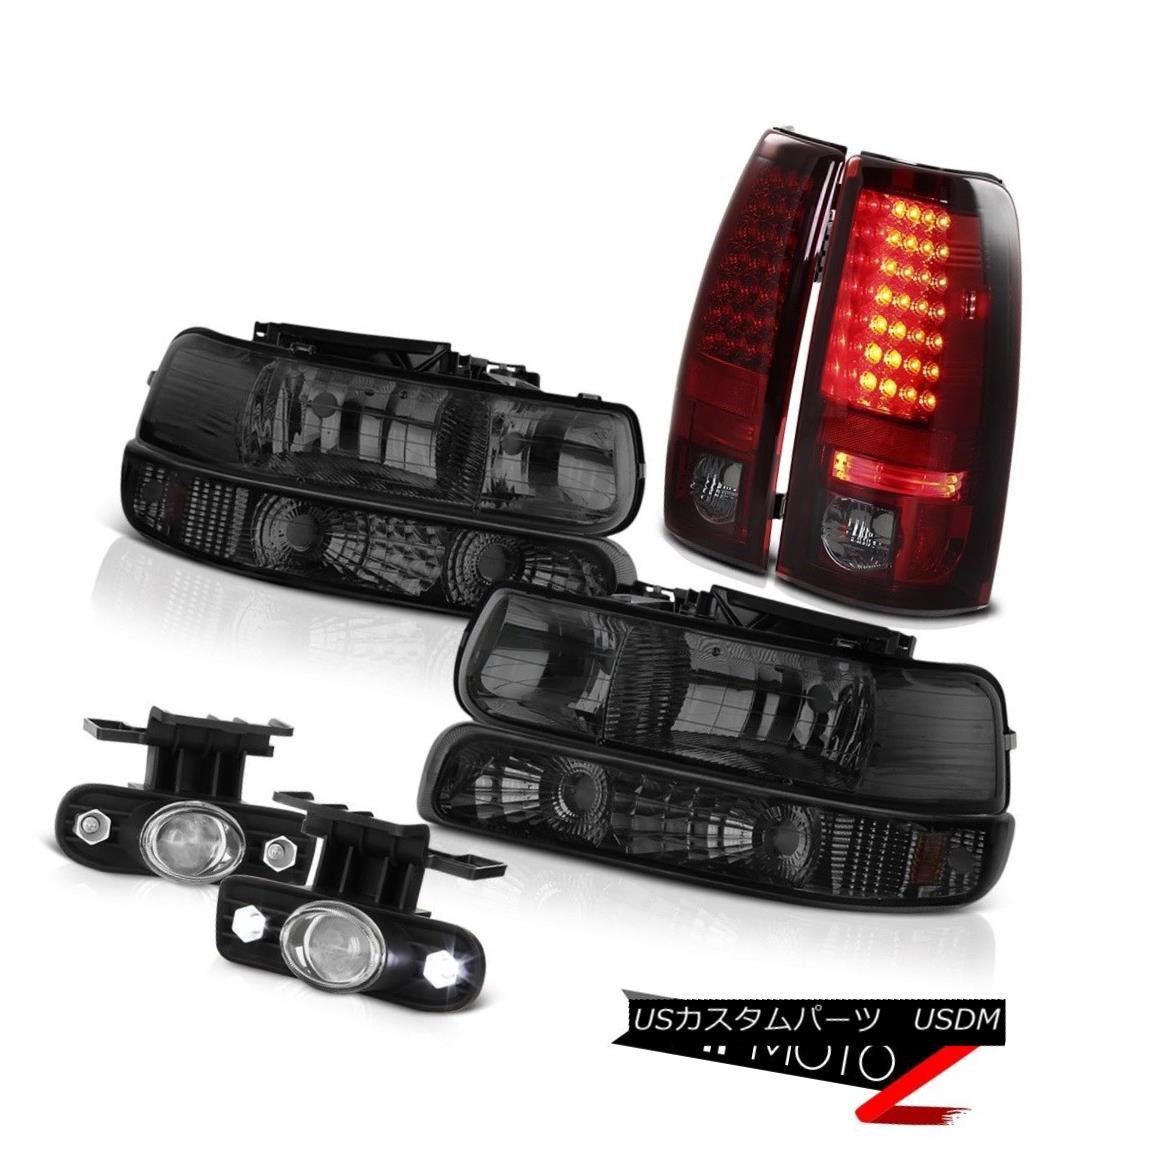 ヘッドライト 1999-2002 Silverado 1500 2500 Smoke Headlights SMD LED Brake Lamp DRL foglights 1999-2002 Silverado 1500 2500スモークヘッドライトSMD LEDブレーキランプDRLフォグライト